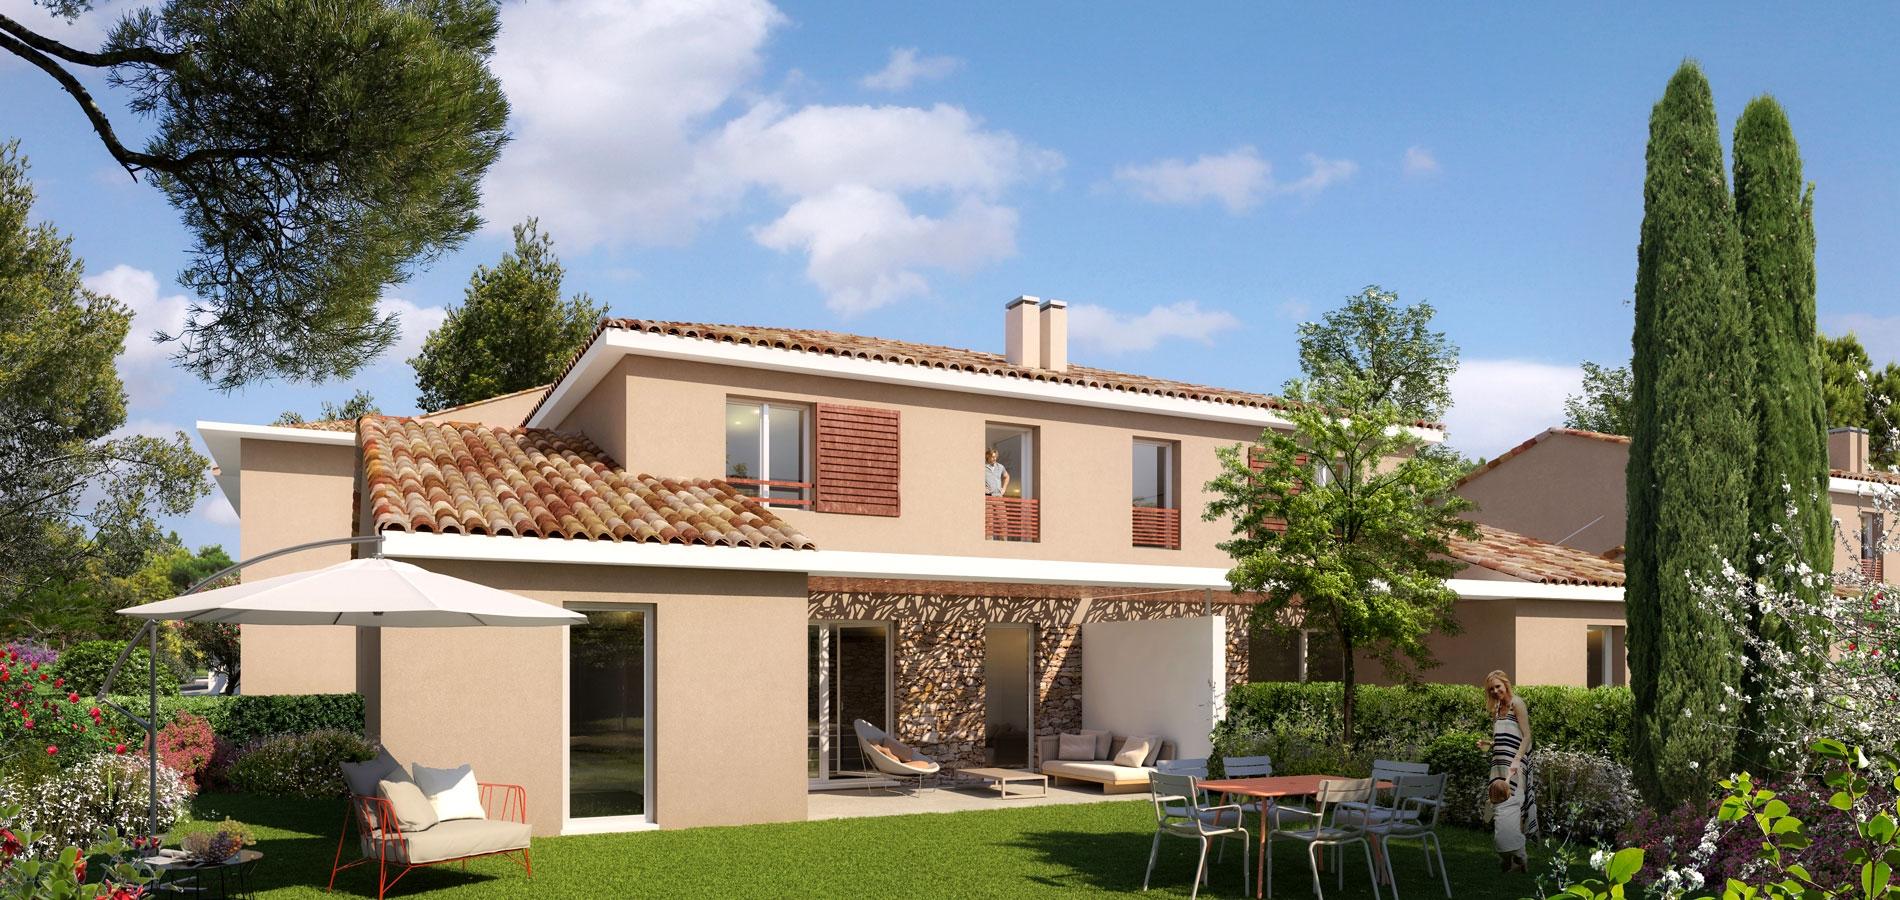 Choississez votre villa ou appartement du 3 au 5 pi ces - Programme immobilier salon de provence ...